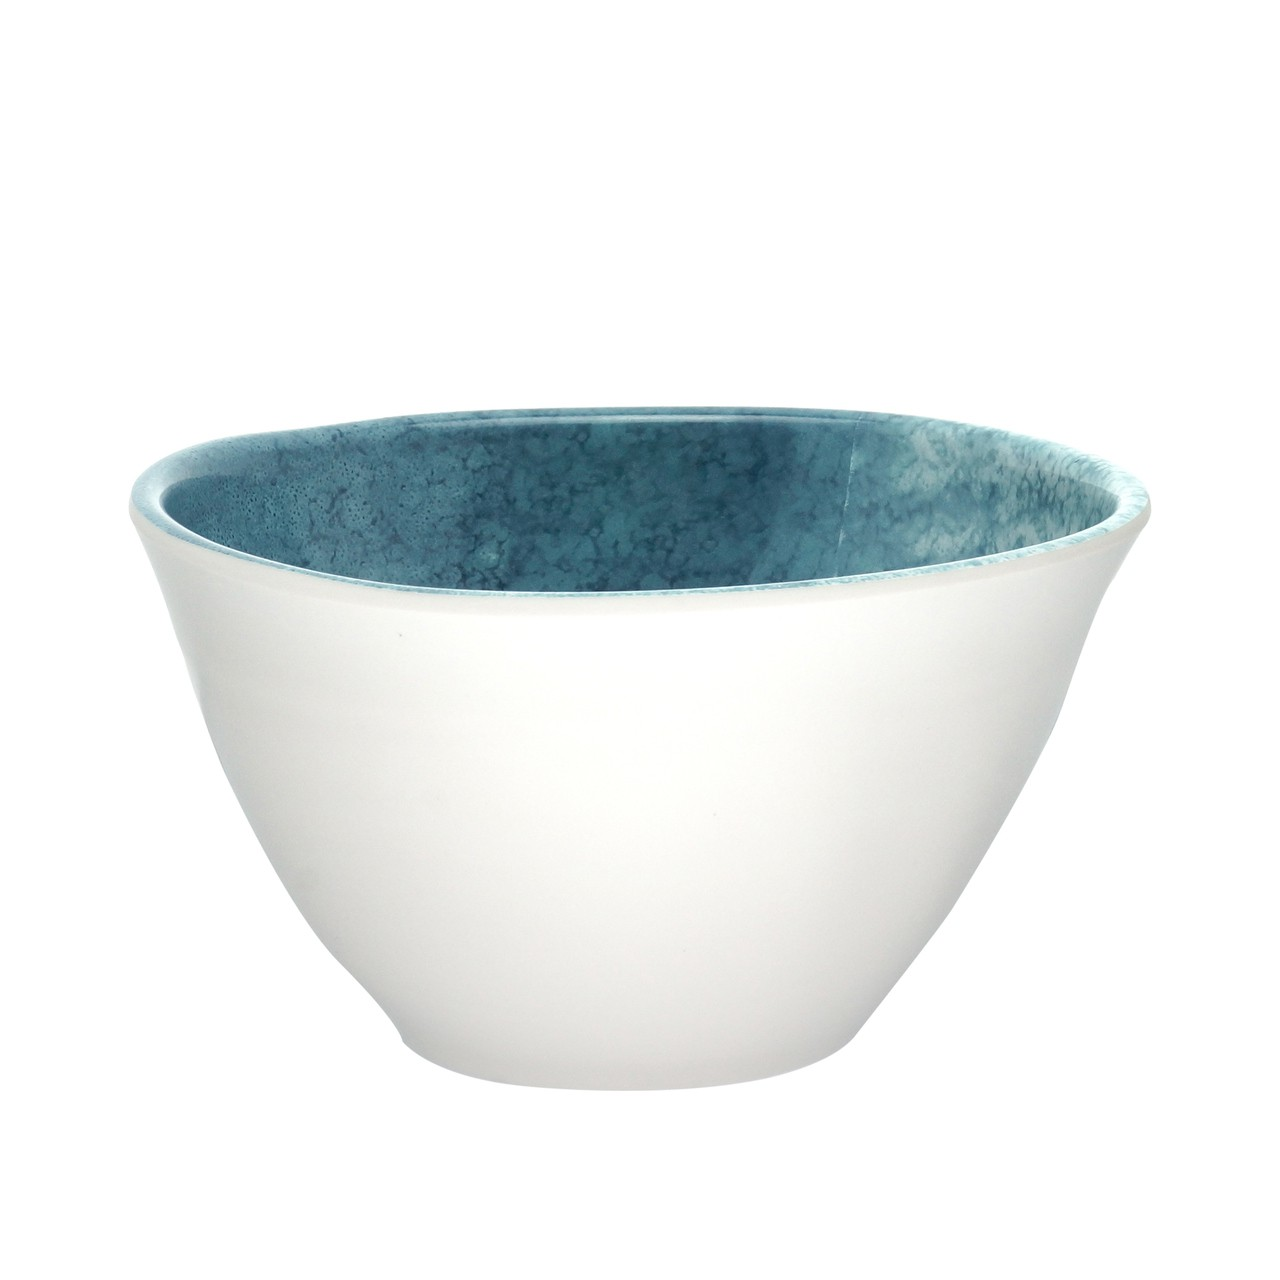 Bowl Melamina Aqua Azul - 15cm